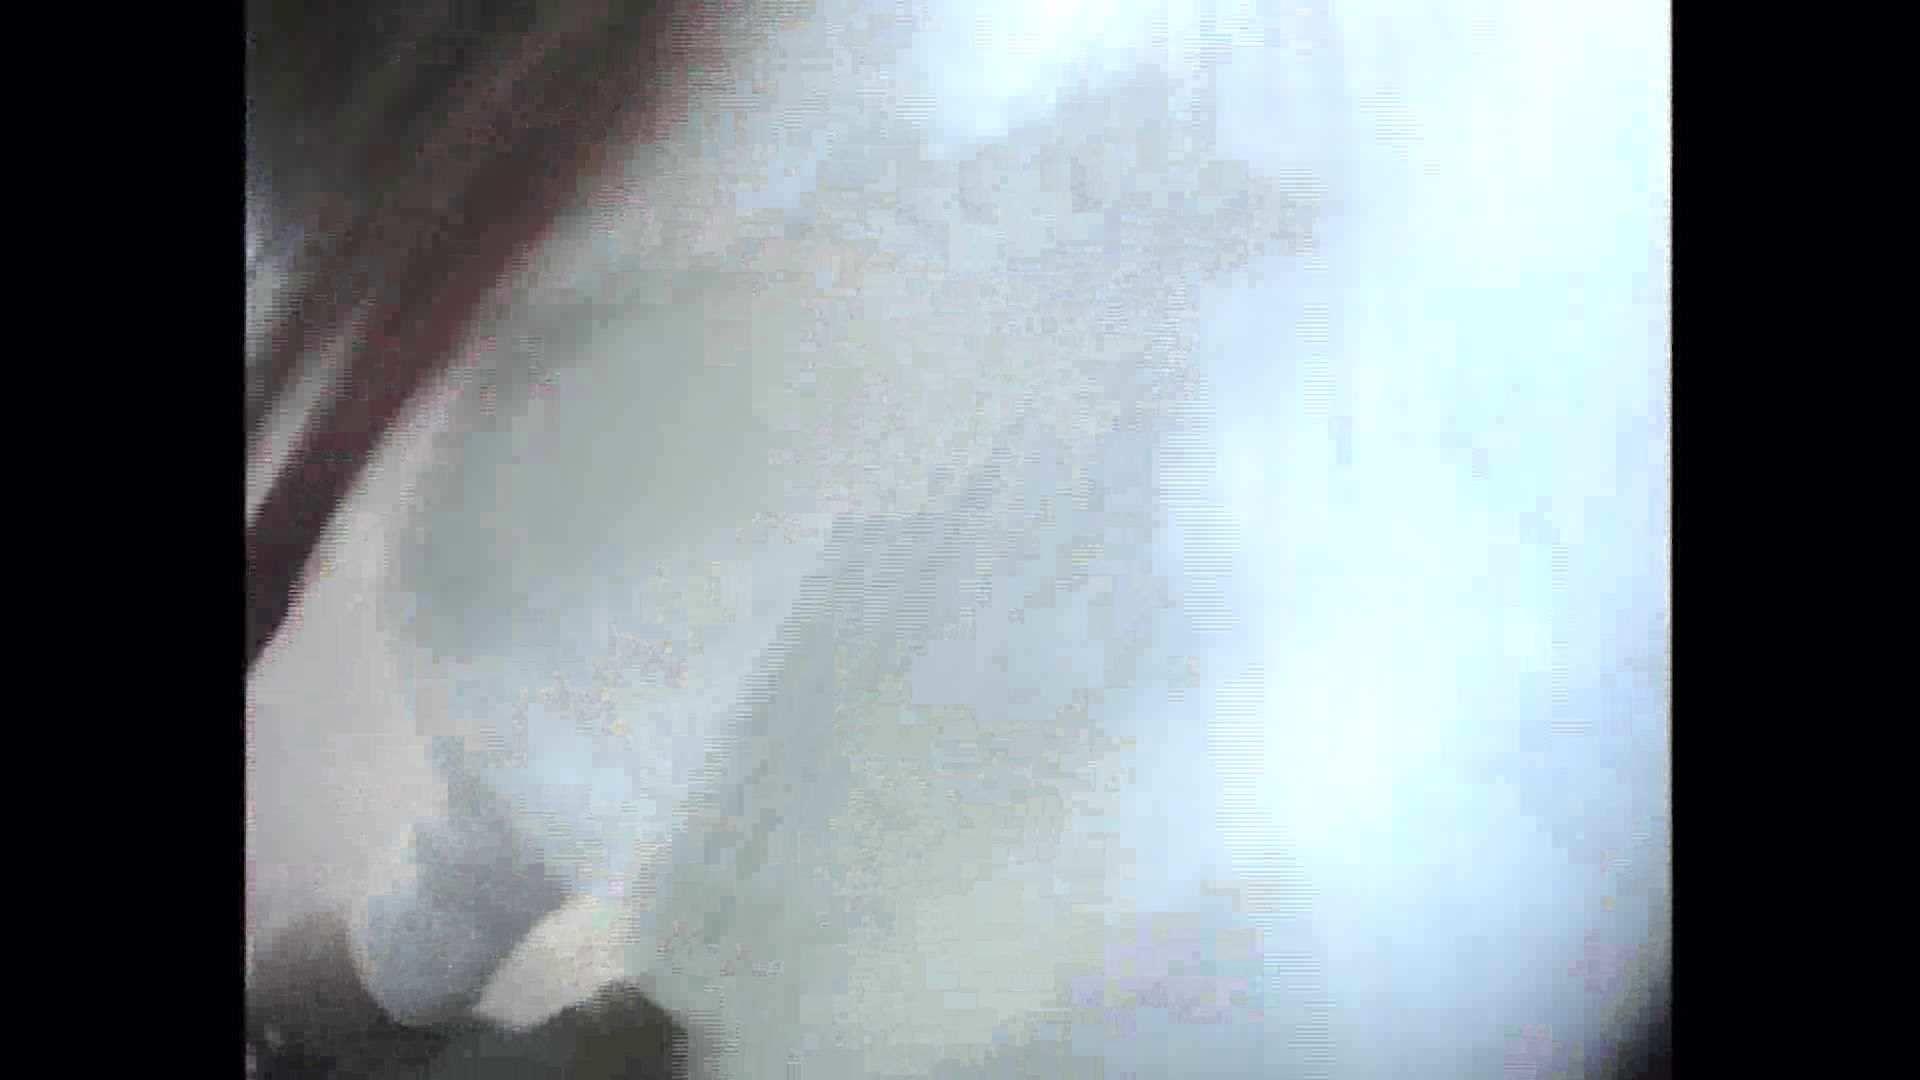 働く美女の谷間参拝 Vol.32 おっぱい特集 すけべAV動画紹介 77pic 39